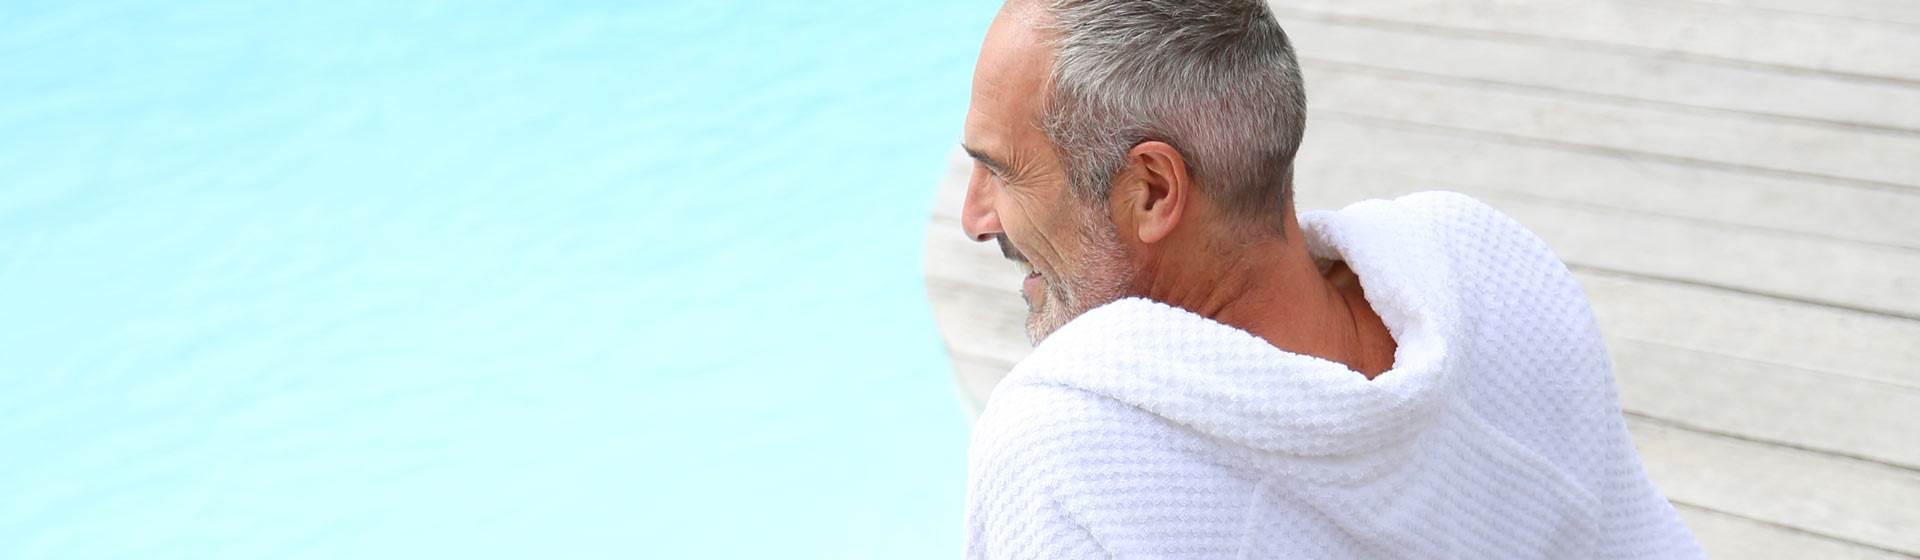 Mann sitzt im Bademantel am Beckenrand